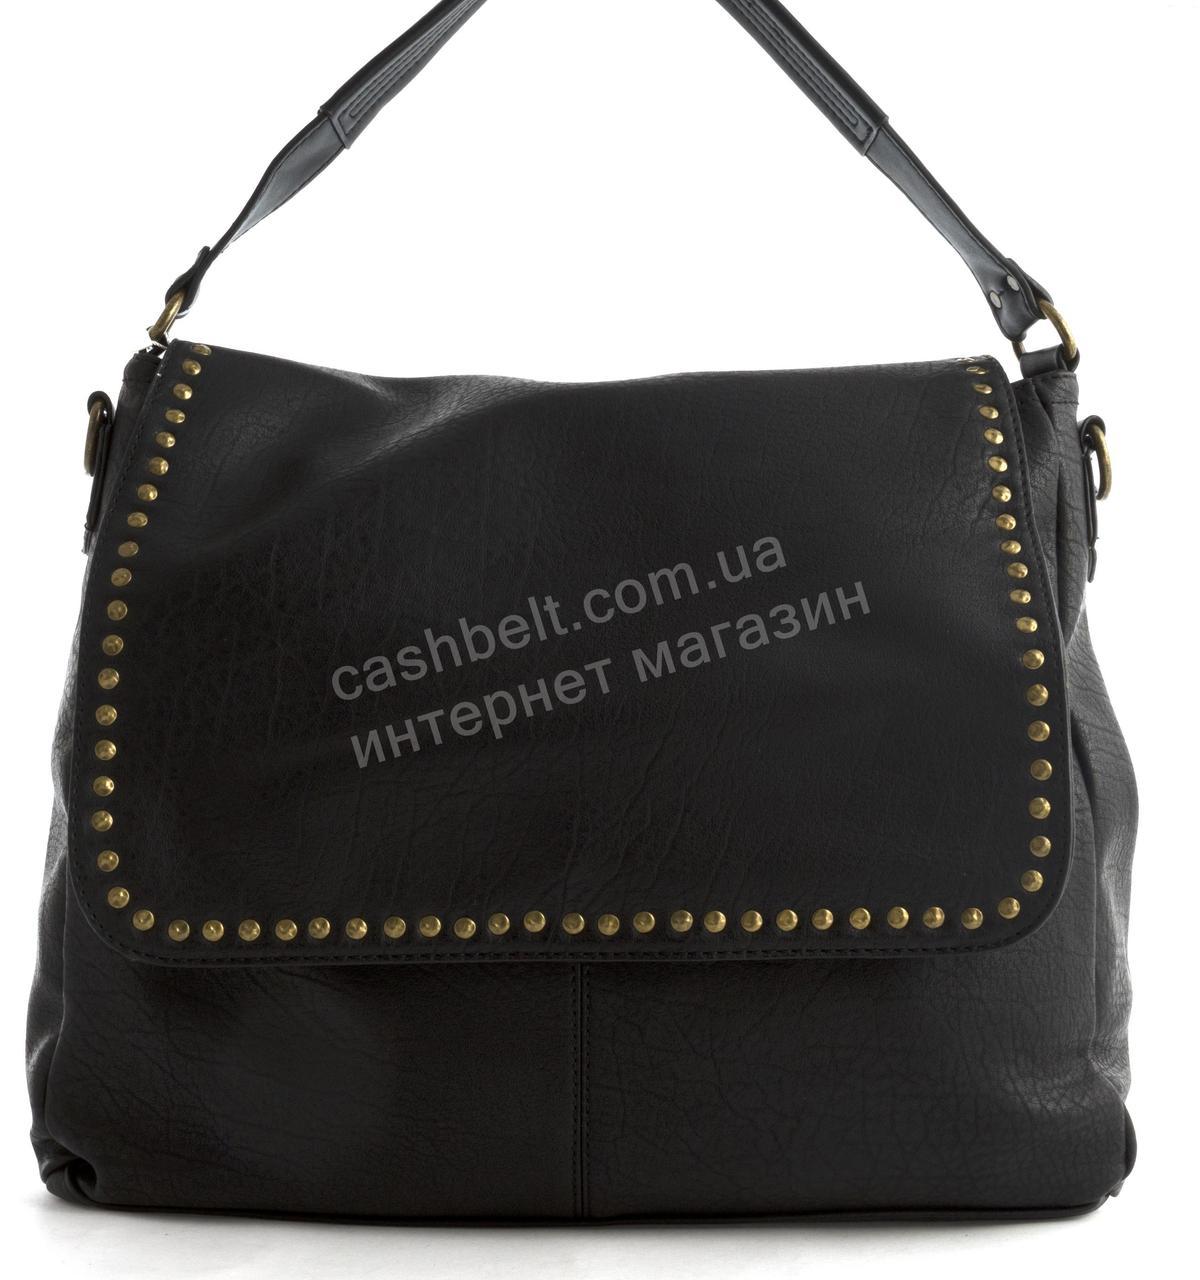 Вместительная прочная модная сумка из эко кожи высокого качества Suliya art. 3600 черная